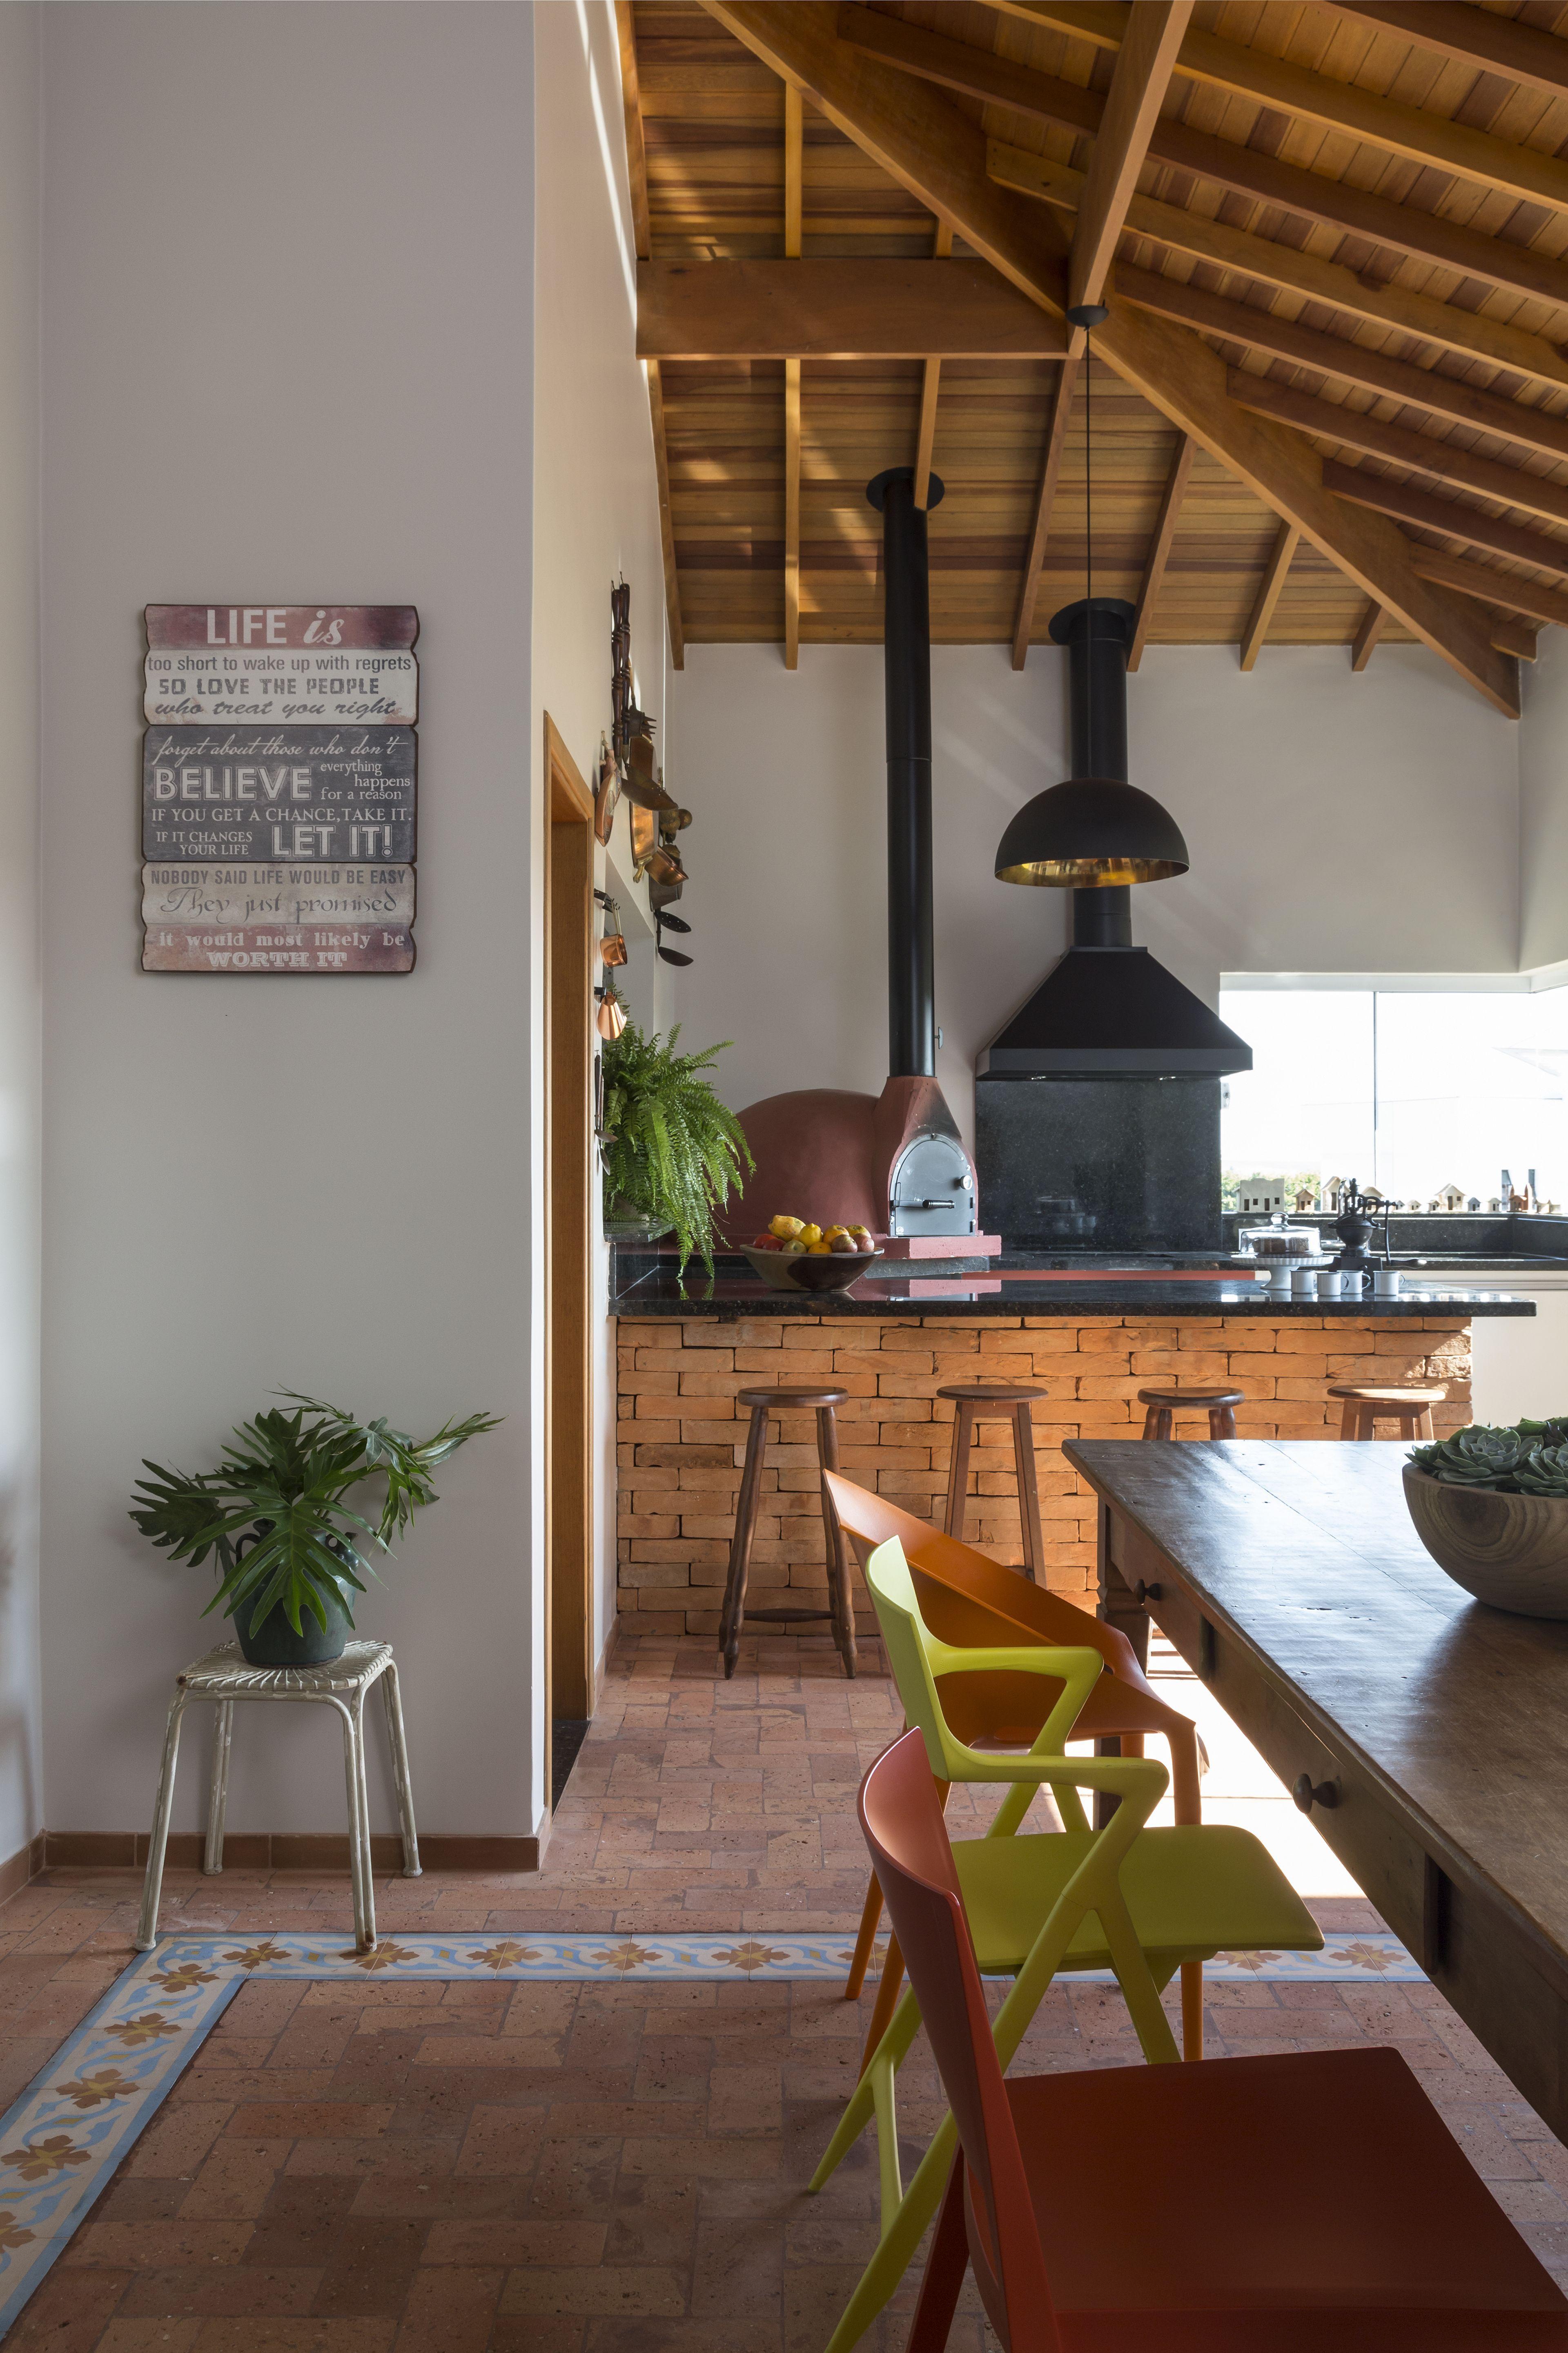 Pin von Pichu Salomon auf House | Pinterest